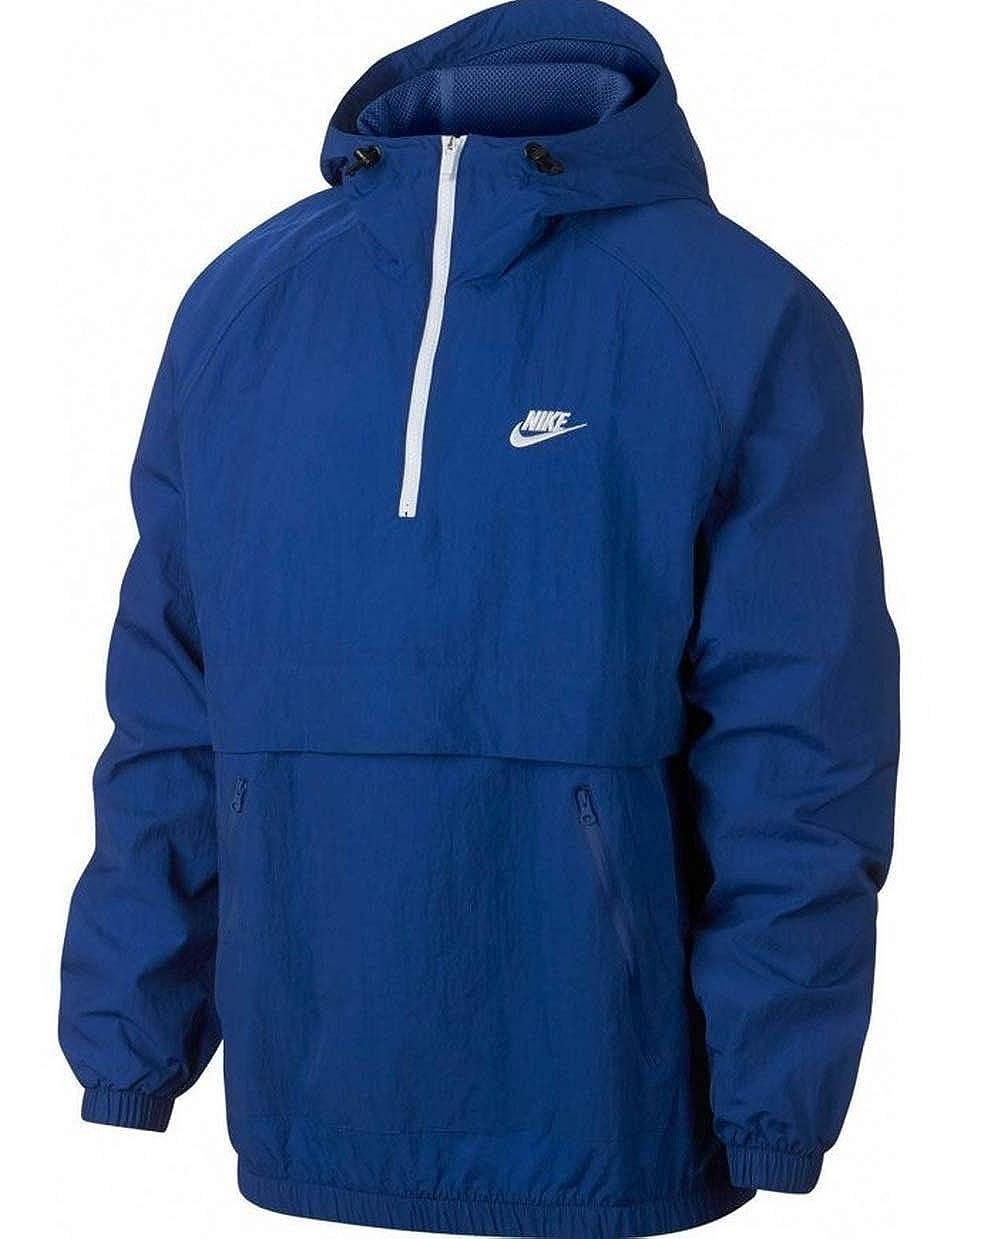 Nike Men's Sportswear Hooded Woven Anorak Jacket Size XXL